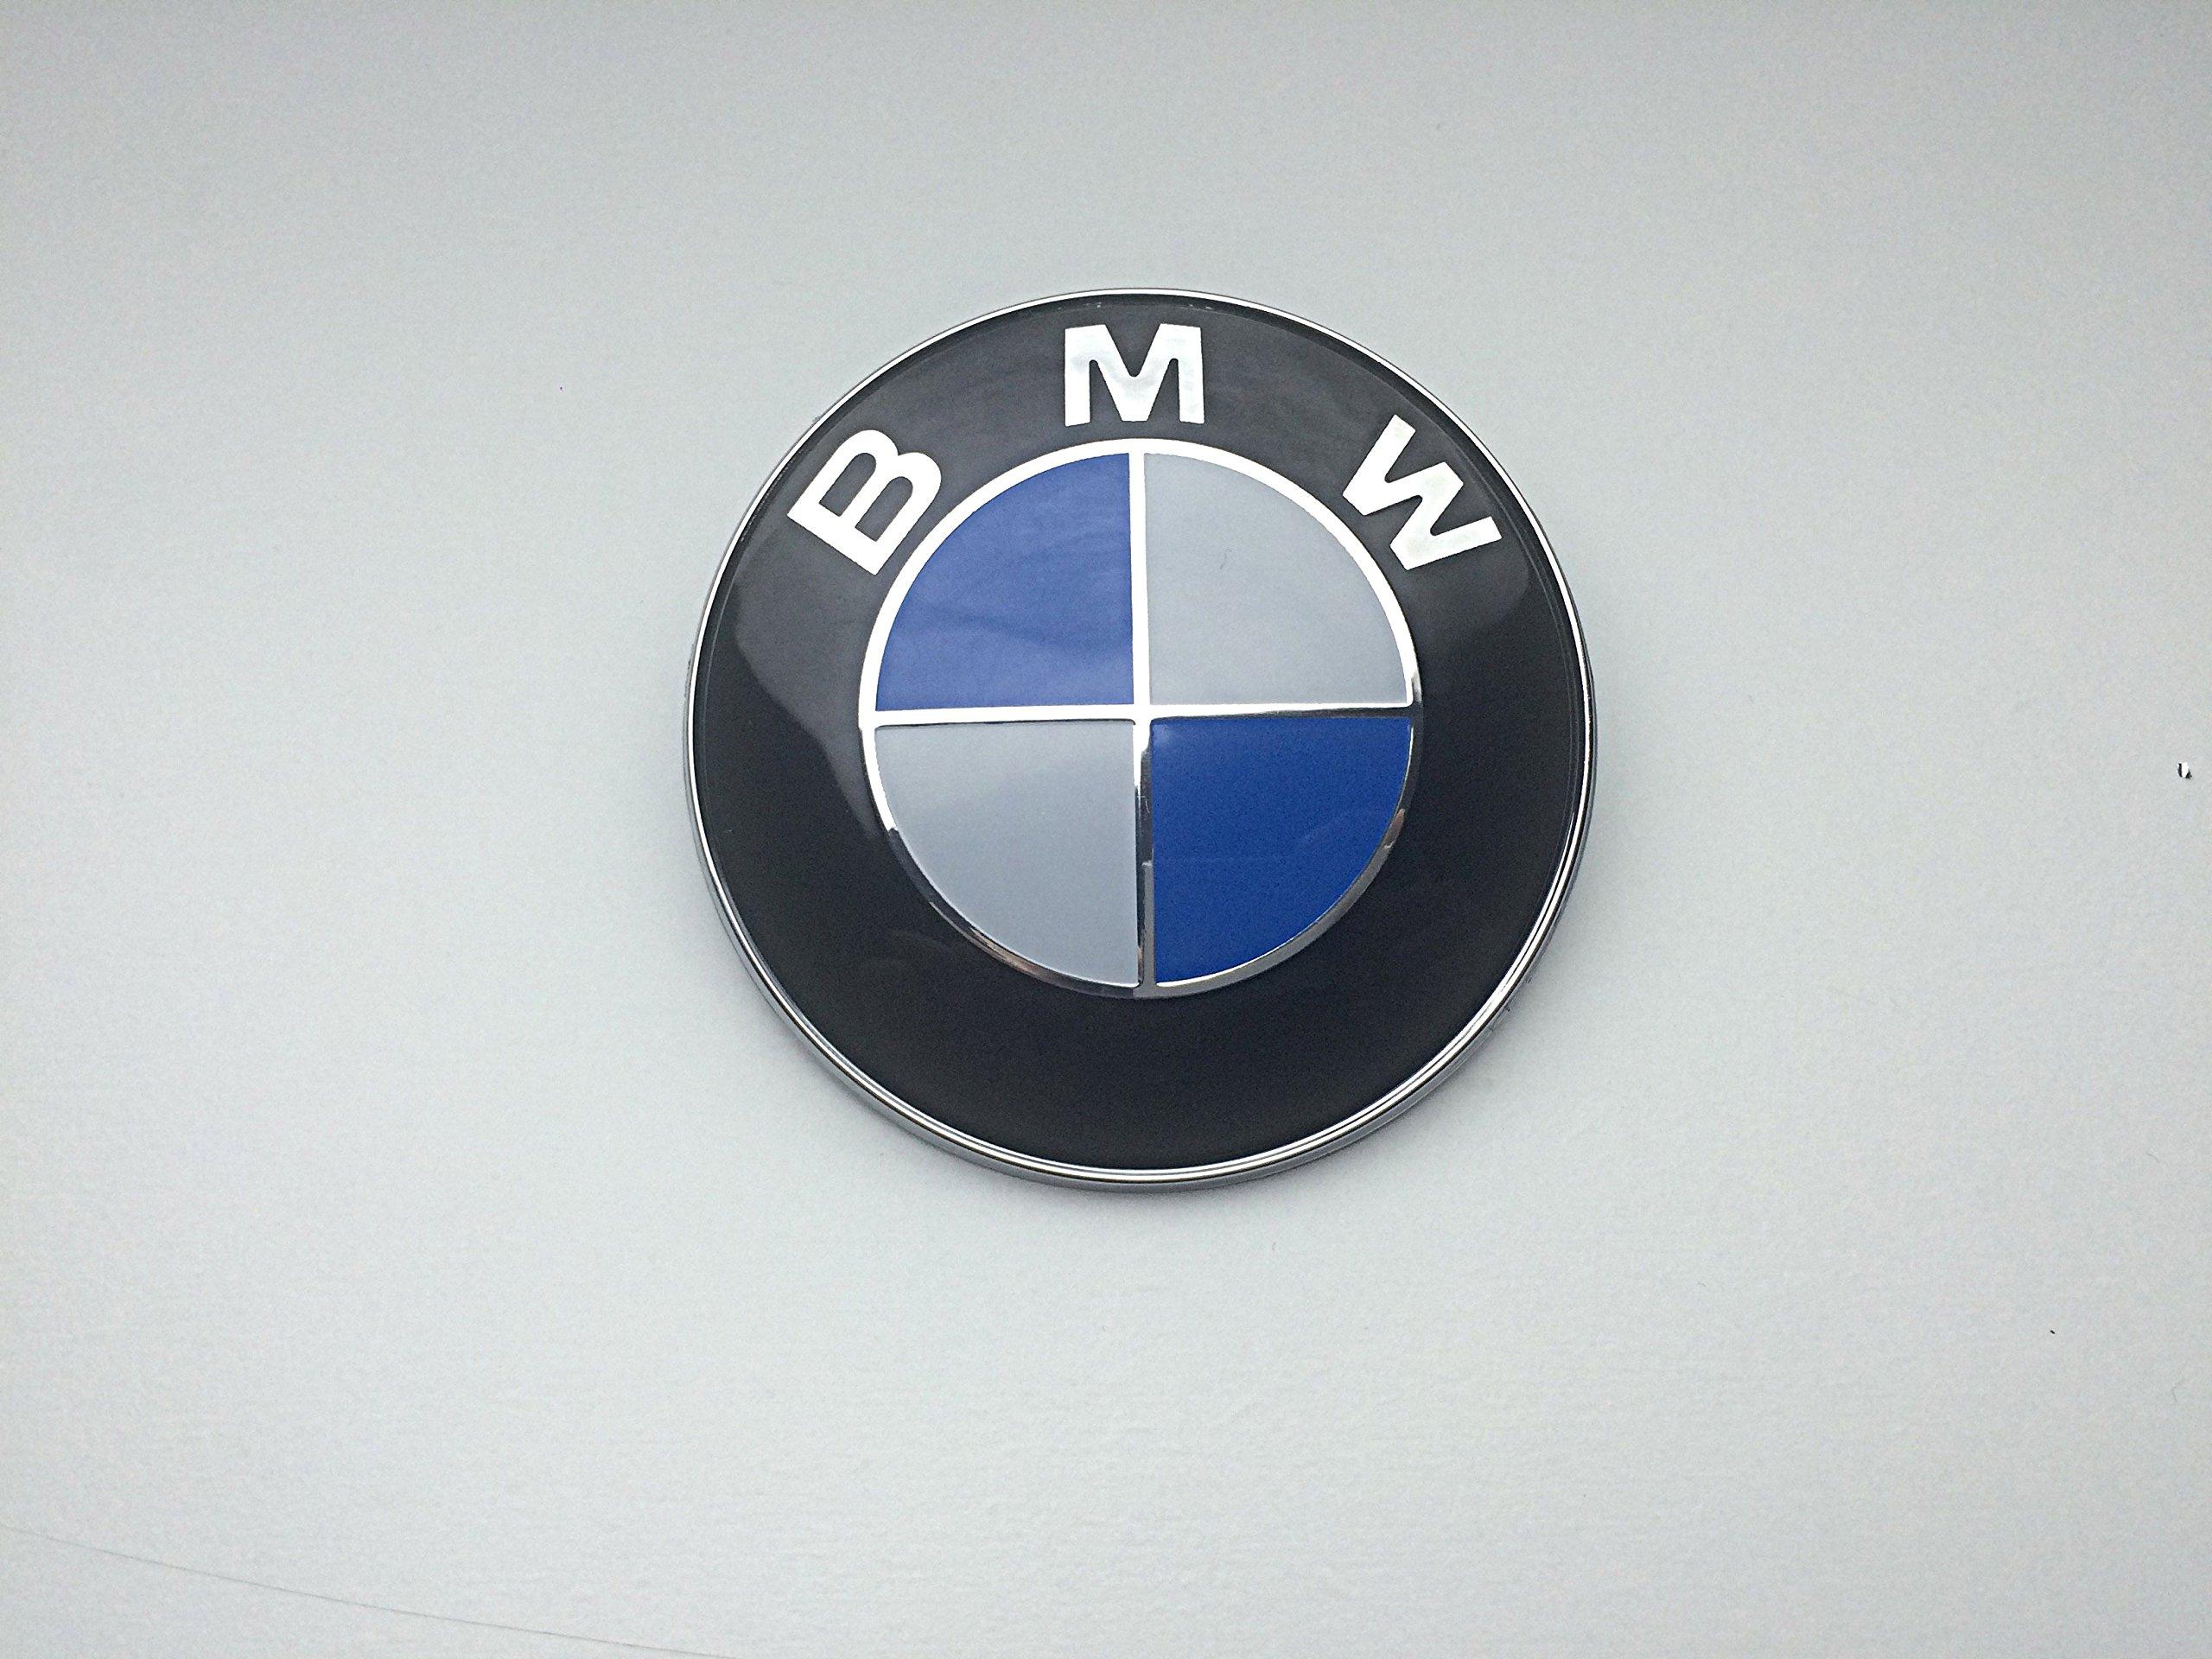 MW Emblem Motorhaube oder Heckklappe 82 mm blau /& wei/ß Logo E36 E39 E46 E60 E70 F10 X5 X6